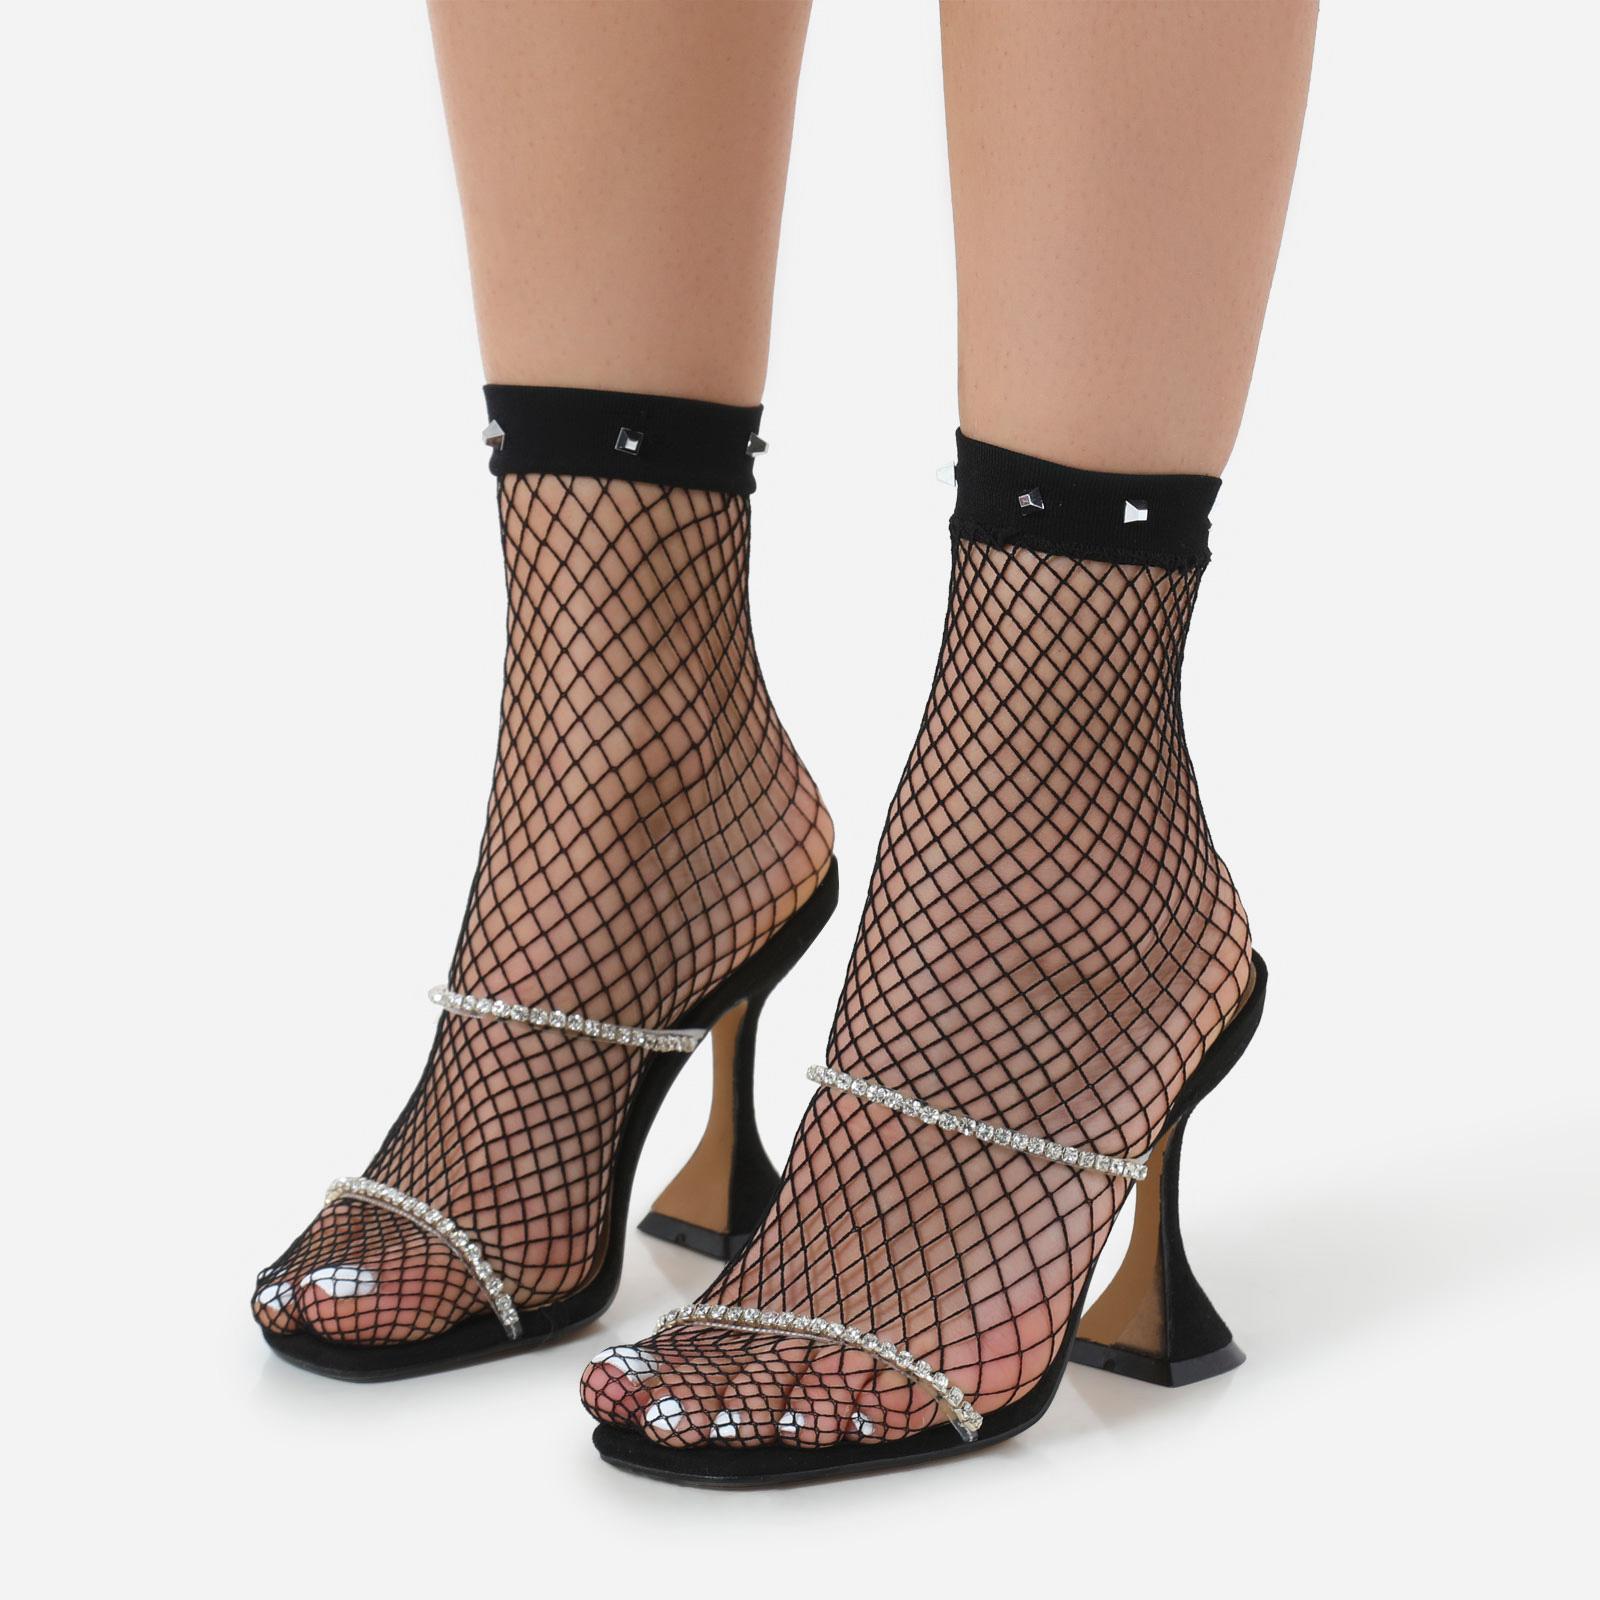 Square Studded Detail Socks In Black Fishnet